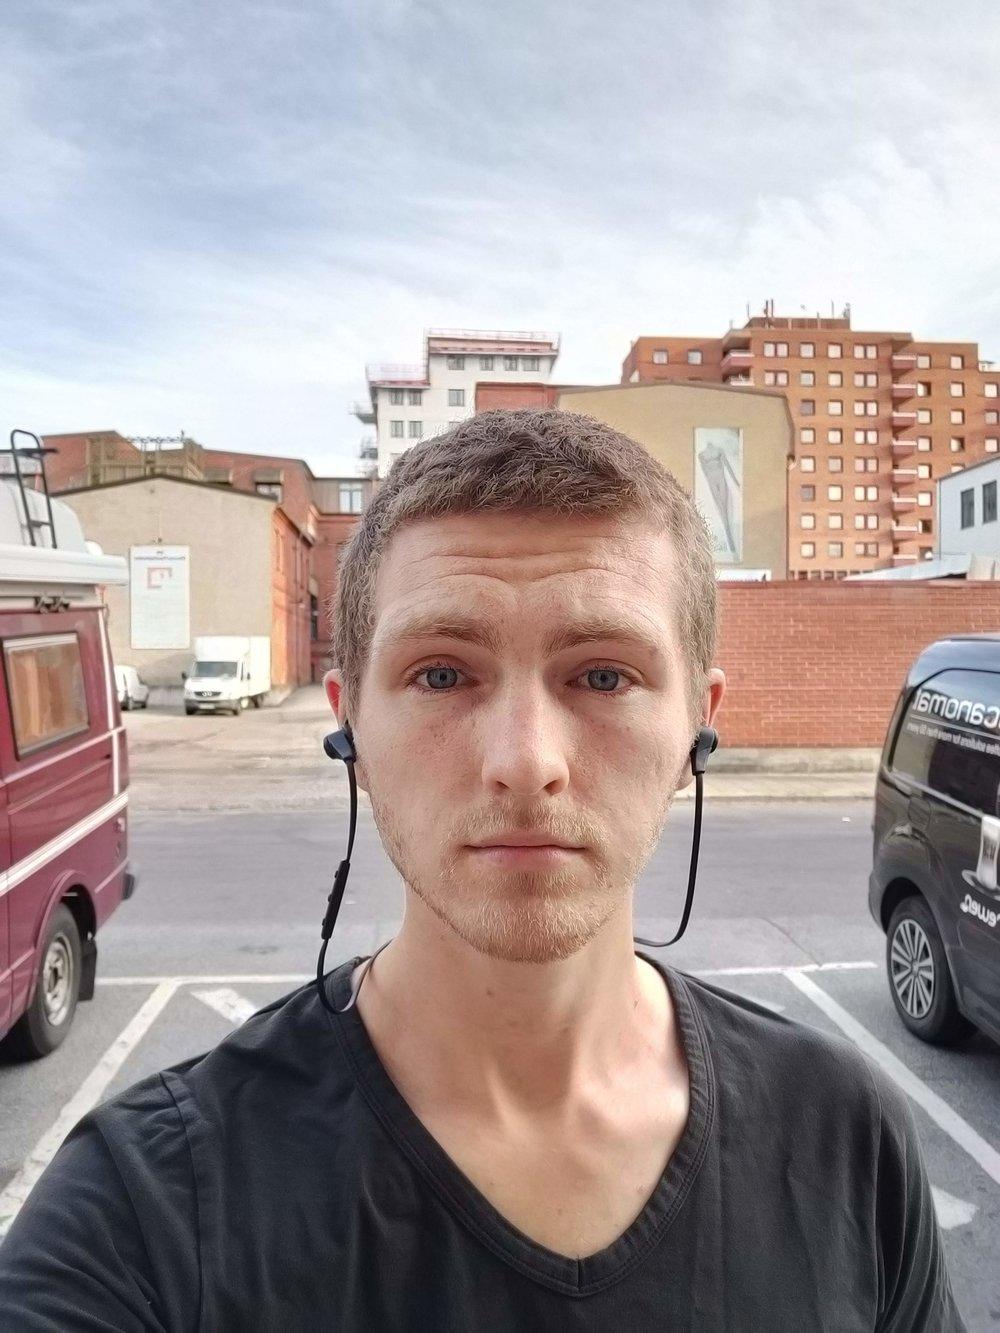 OnePlus selfie.jpg